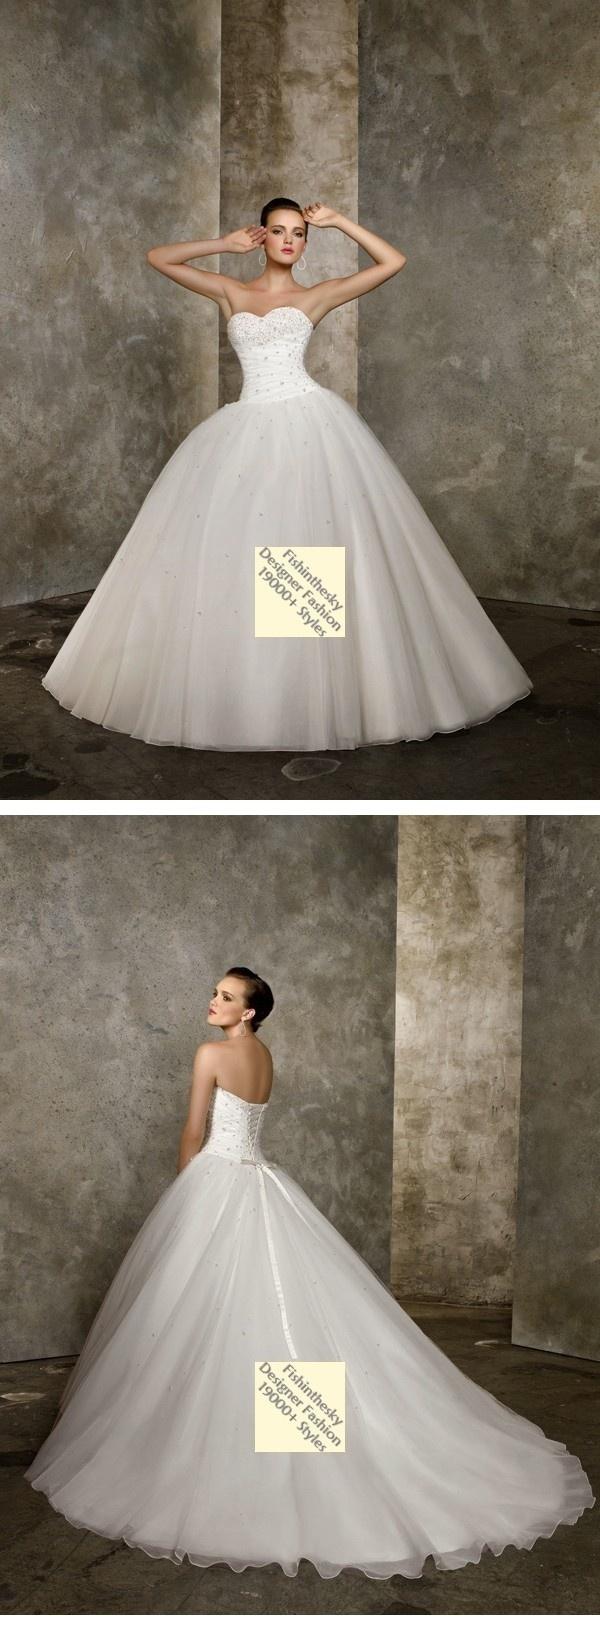 13 best Plus Sized Poses images on Pinterest | Wedding shot ...